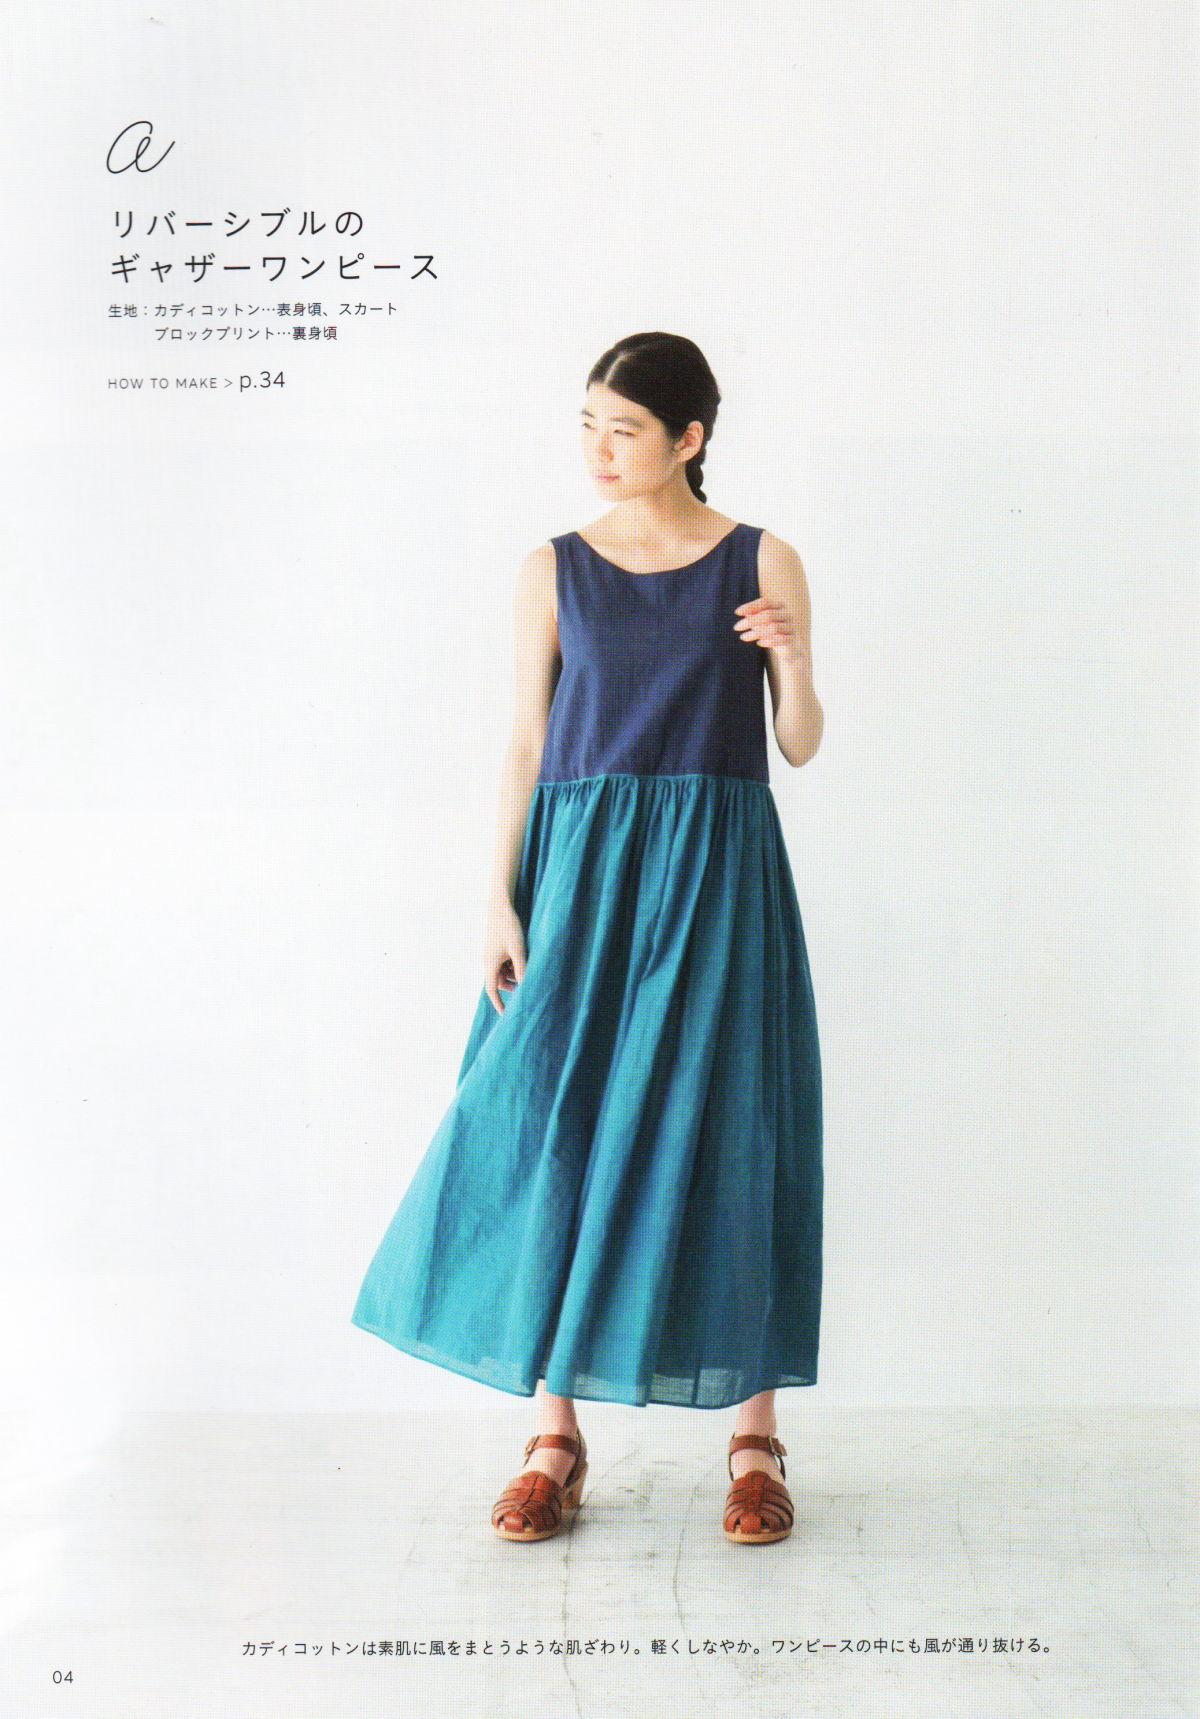 ダンスコ ミリー Dansko Milly 【fabric campのワードローブ】